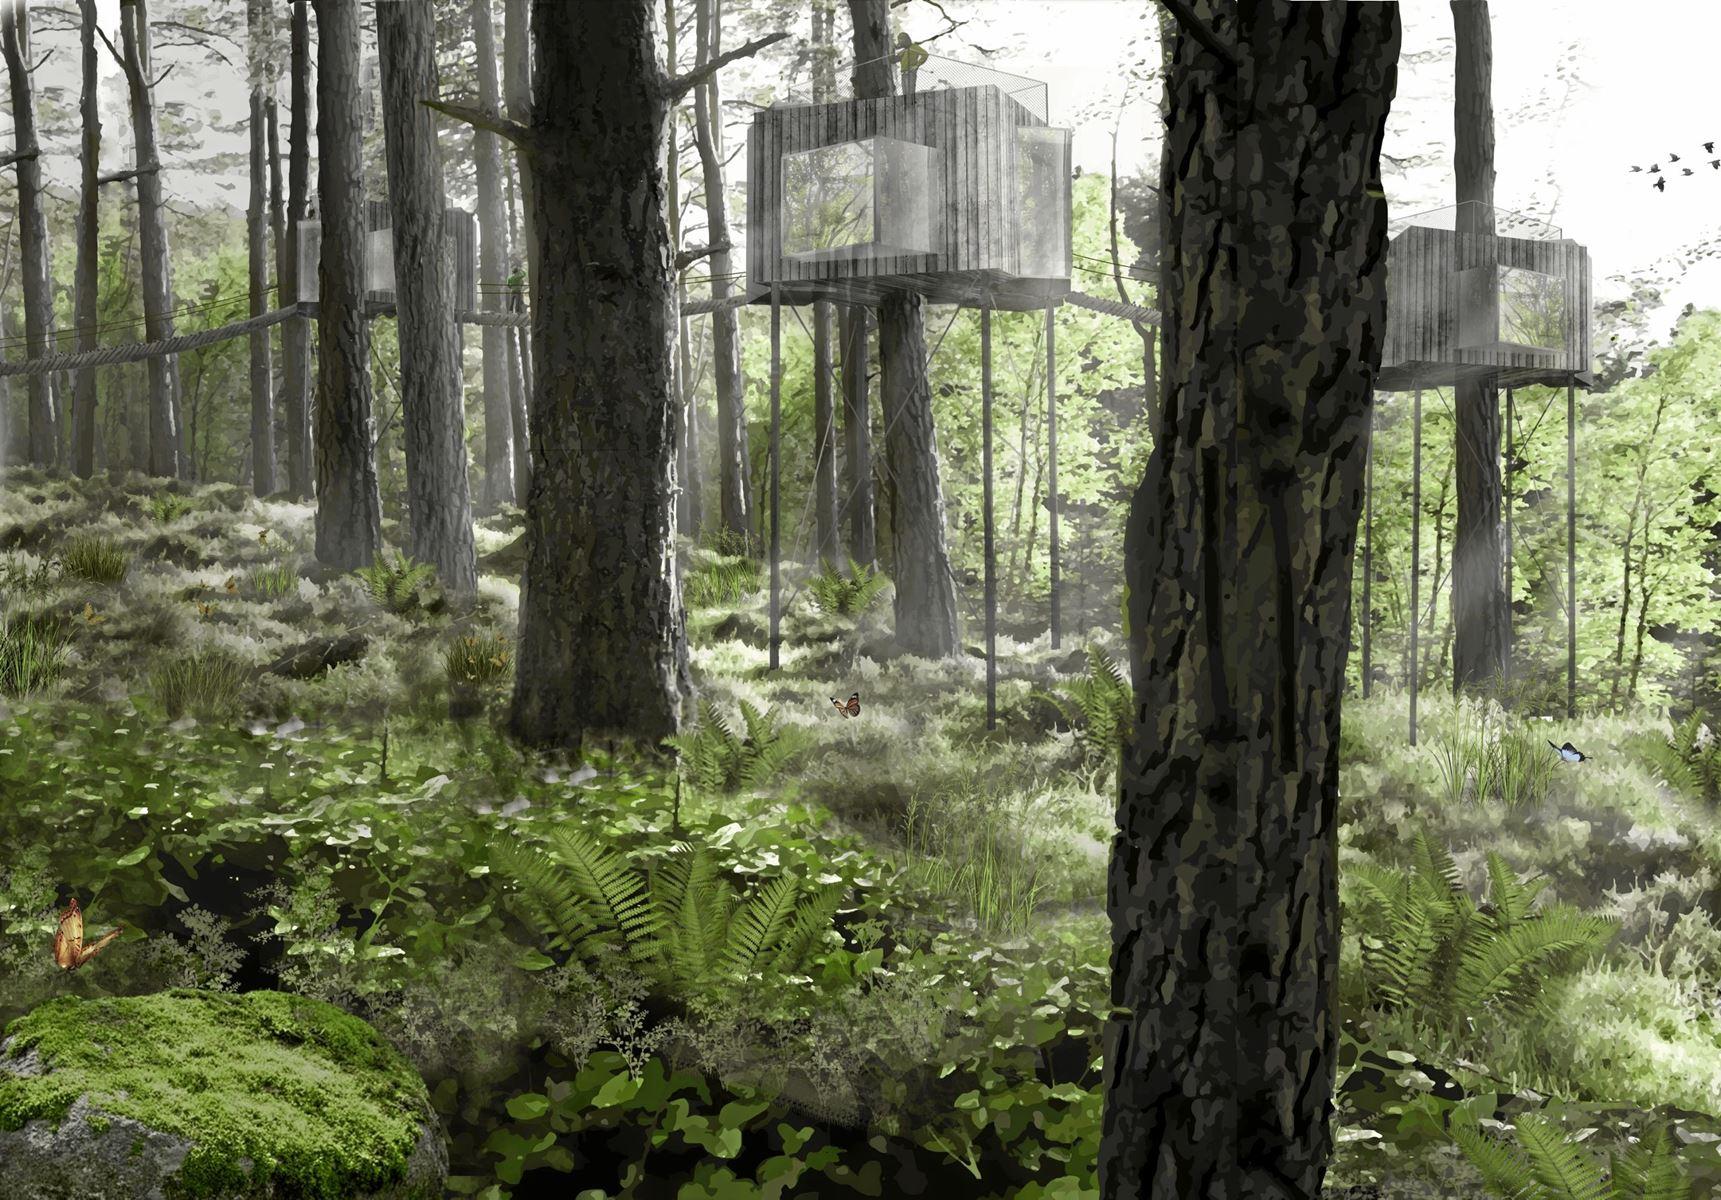 Fire iværksættere har længe drømt om at opføre en eksklusiv trætop-hytte i nåletræerne ved Als Odde. Nu kan tømrerne gå i gang.